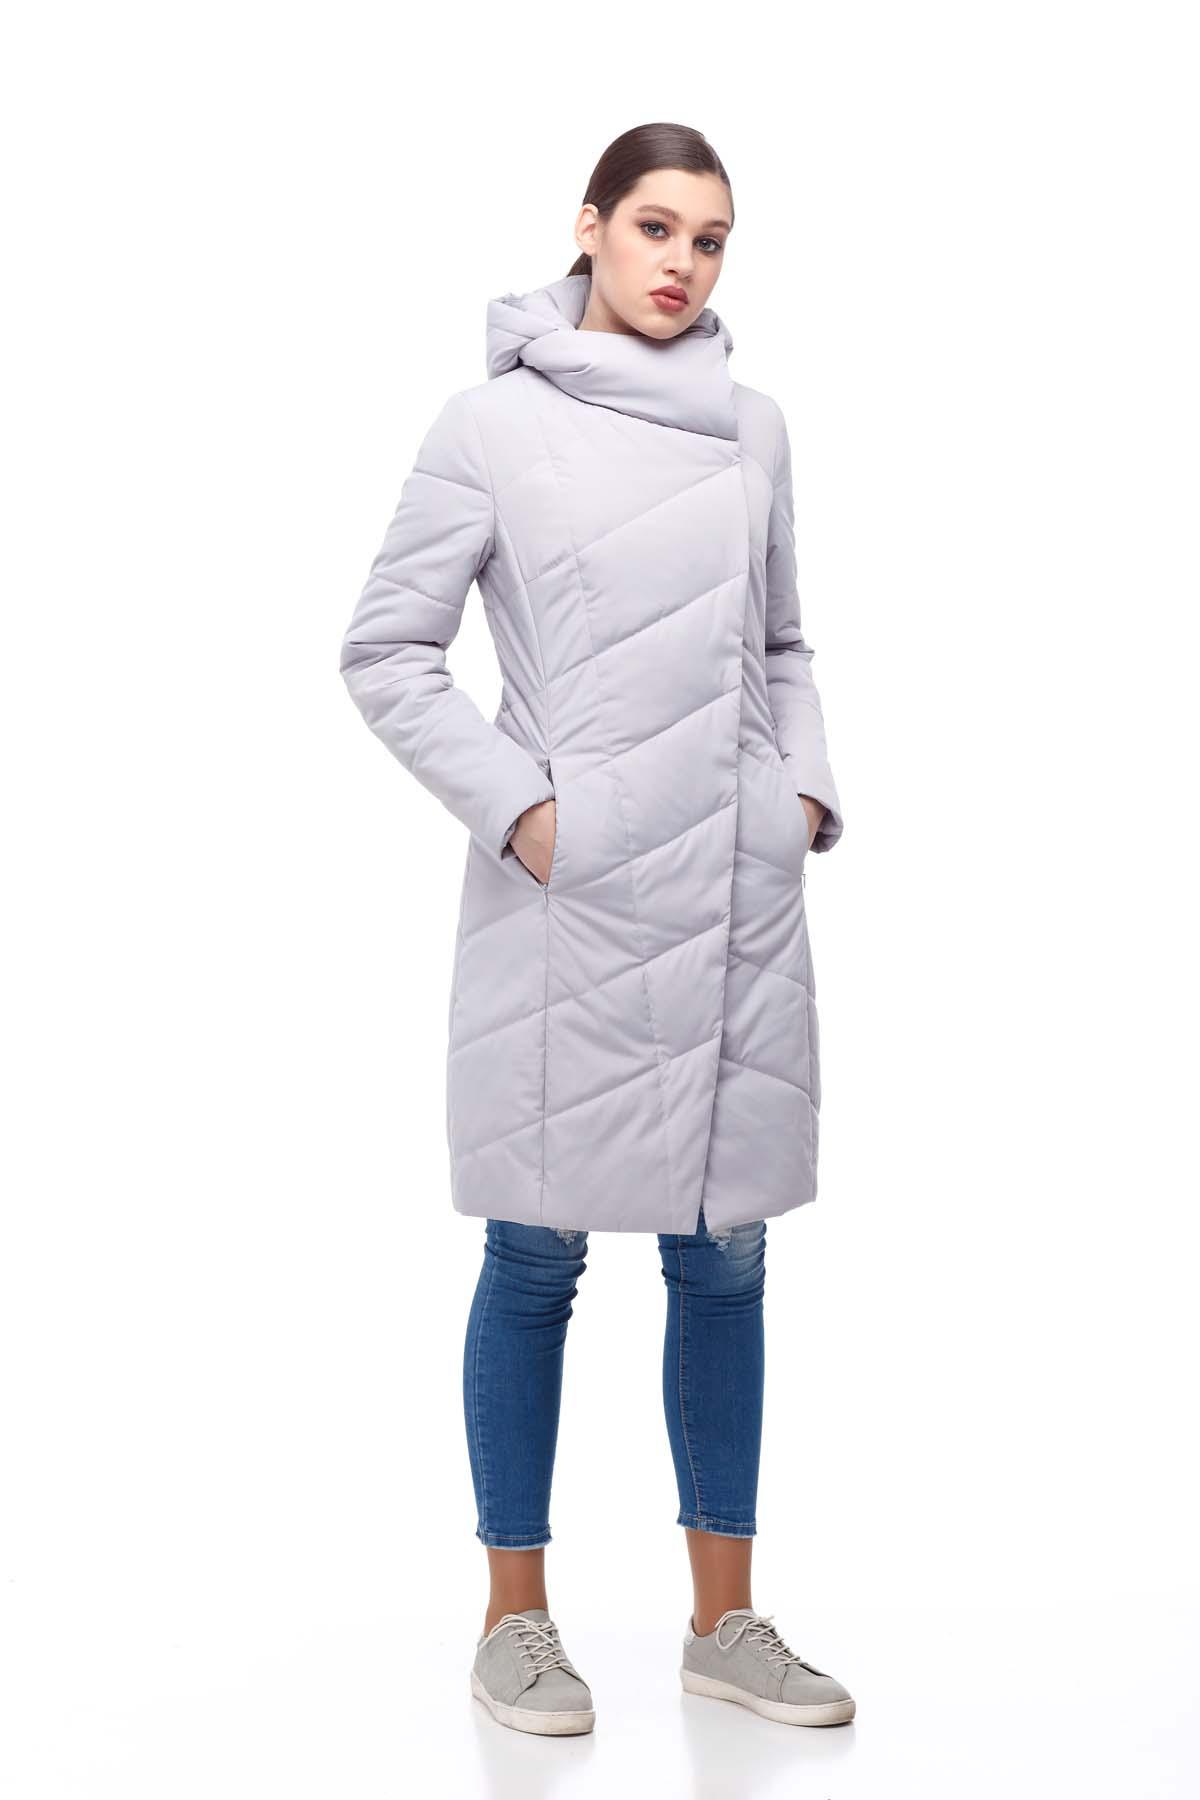 Пальто стьобана Камелія світлий лід